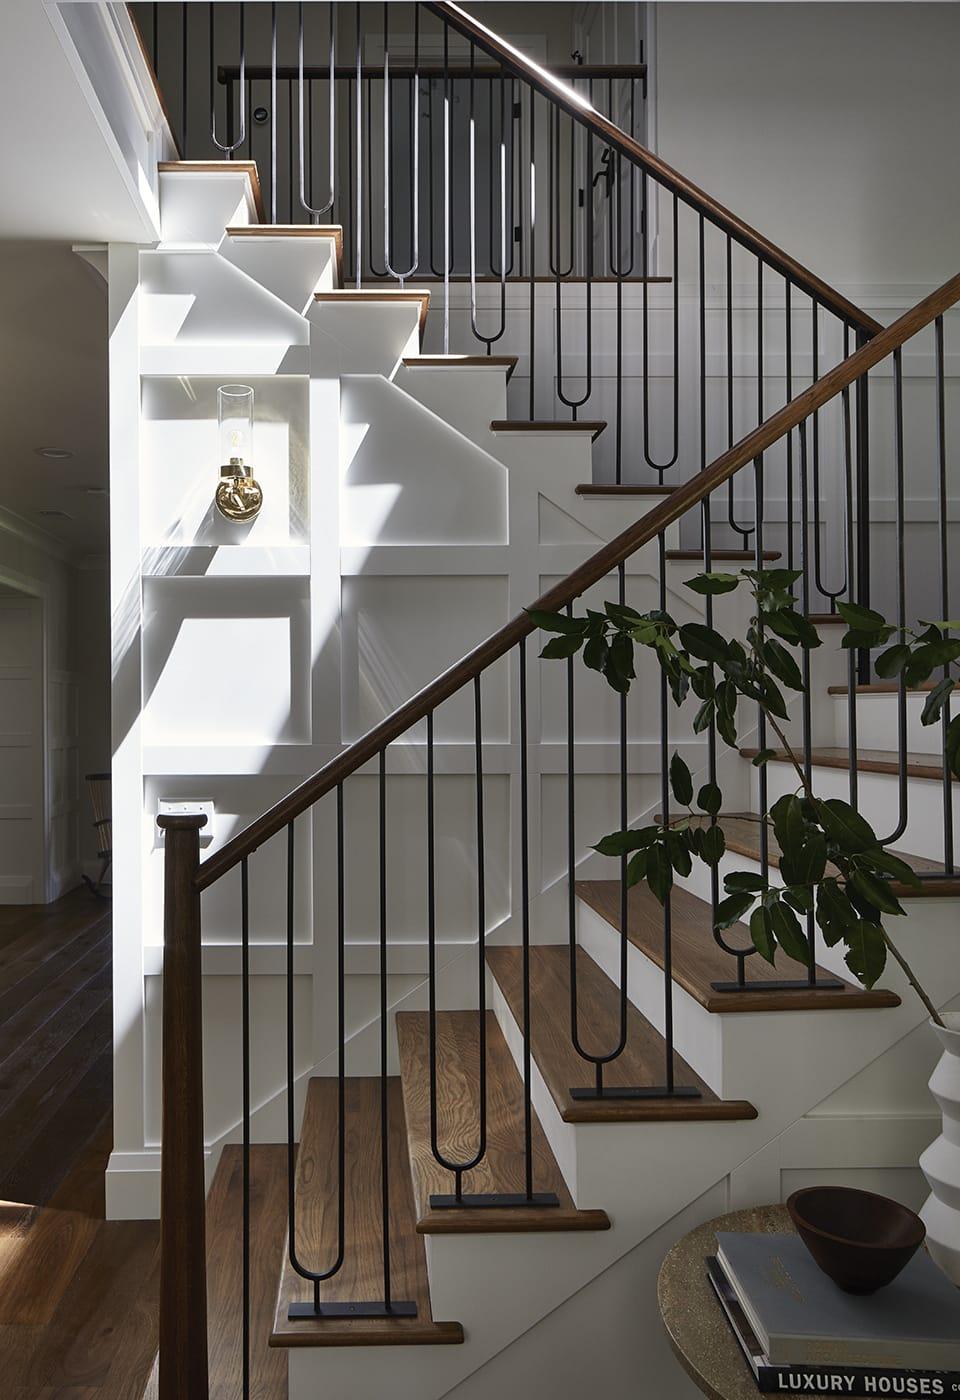 Stairway_LowerSideViewsml.jpg#asset:2230